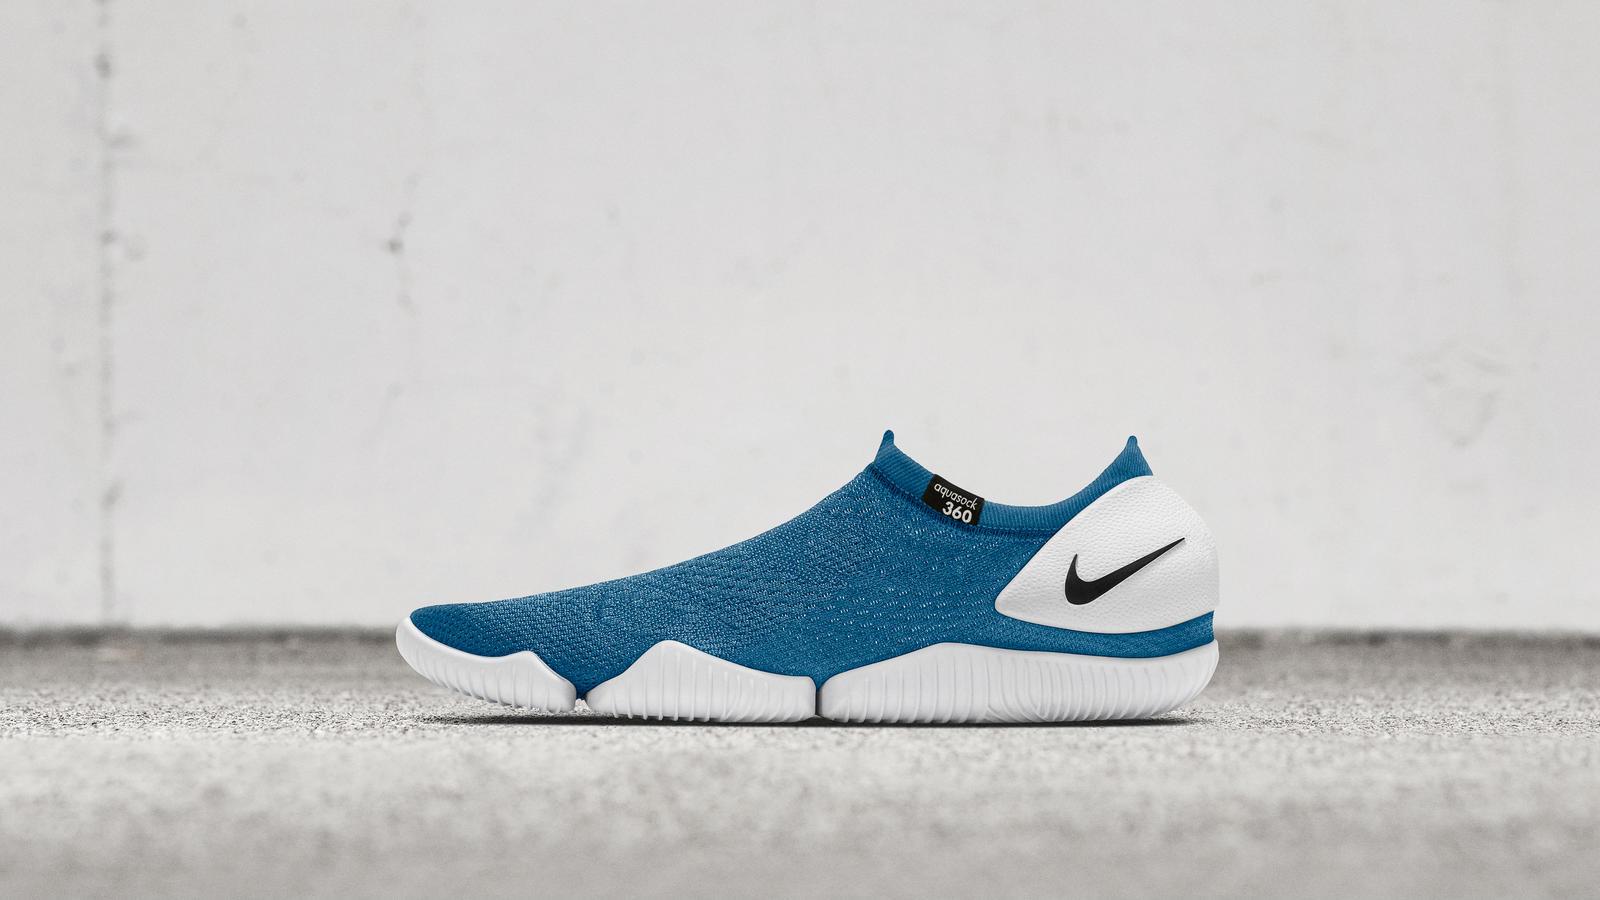 Nike Aqua Sock 360 - Nike News